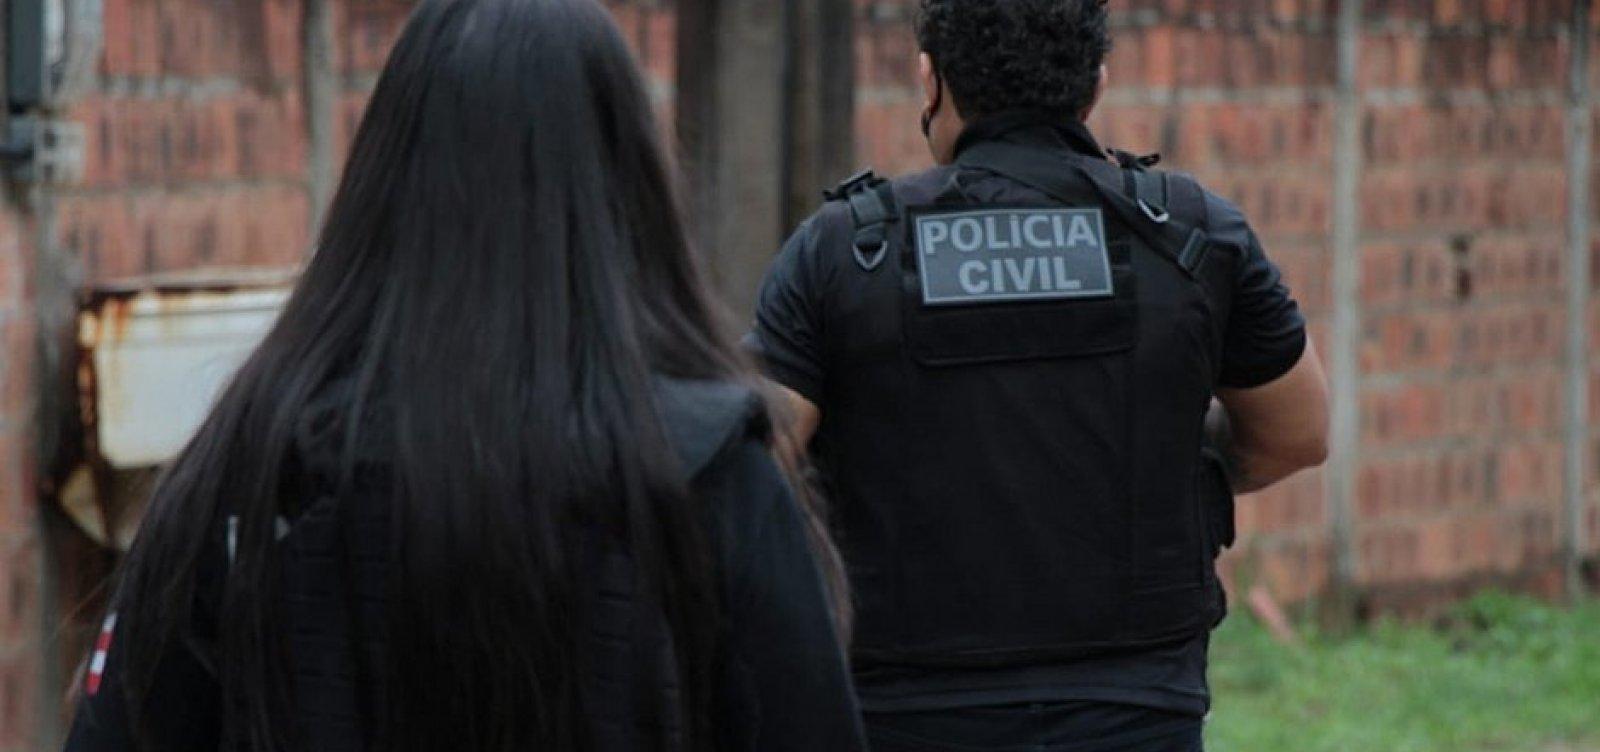 Polícia prende acusado de estupro de sobrinha durante operação contra tráfico na Bahia